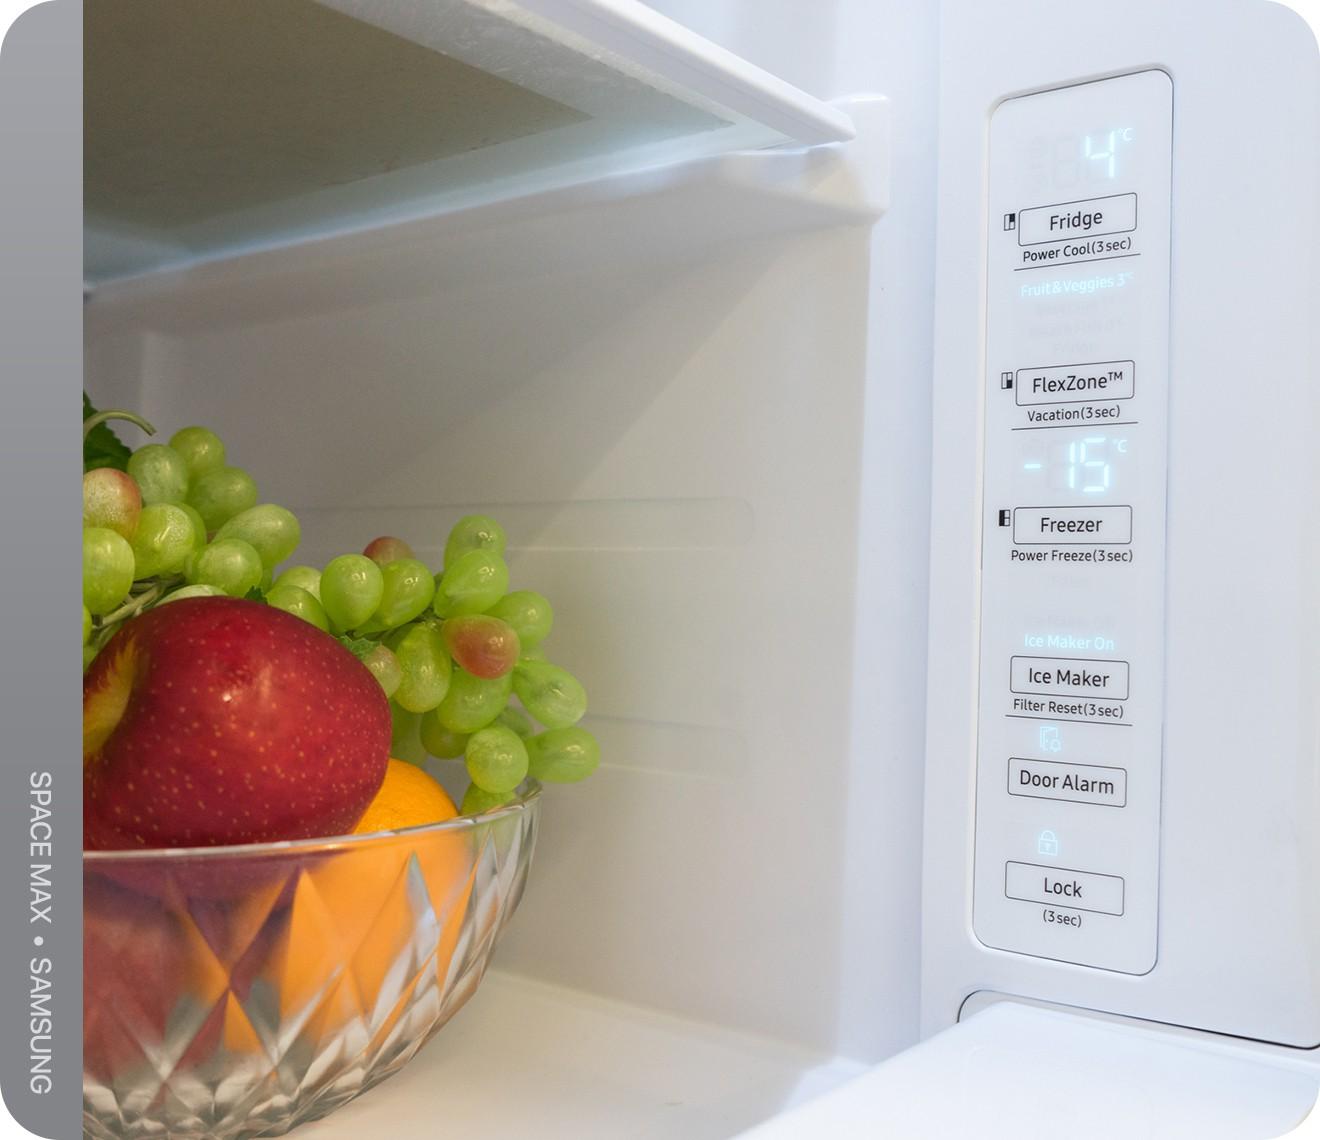 Chiếc tủ lạnh mới của Samsung đã giải quyết trọn vẹn nhu cầu của người dùng như thế nào - Ảnh 10.